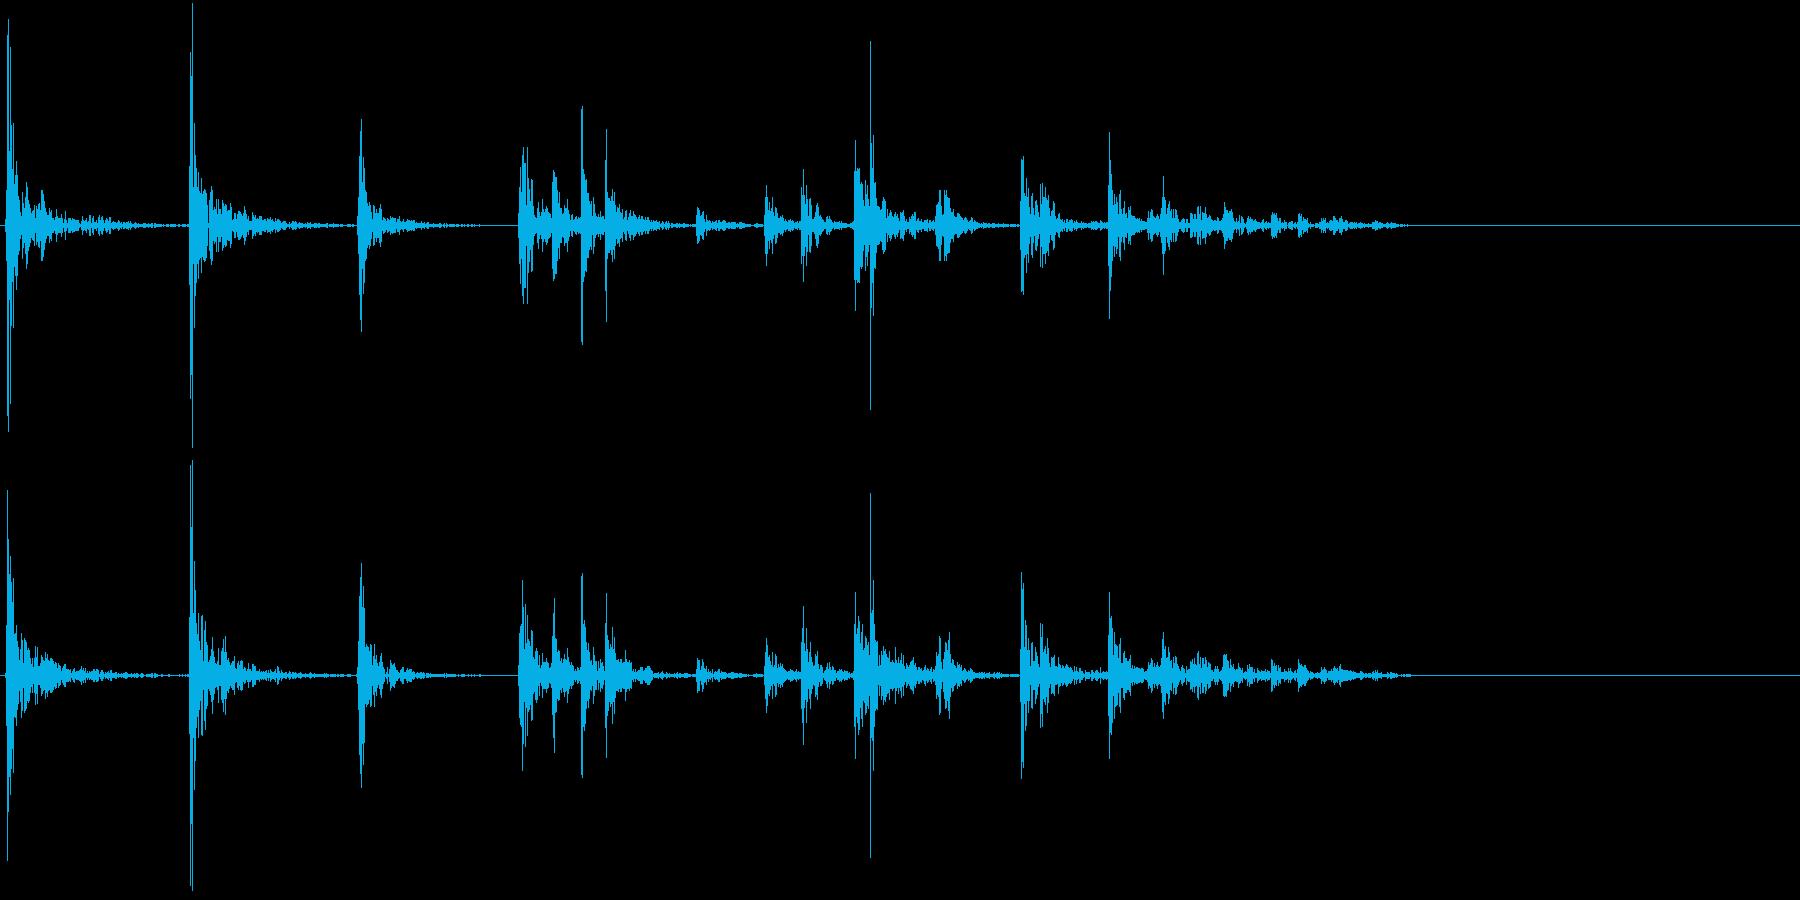 【生録音】プラスチックの容器が転がる 2の再生済みの波形